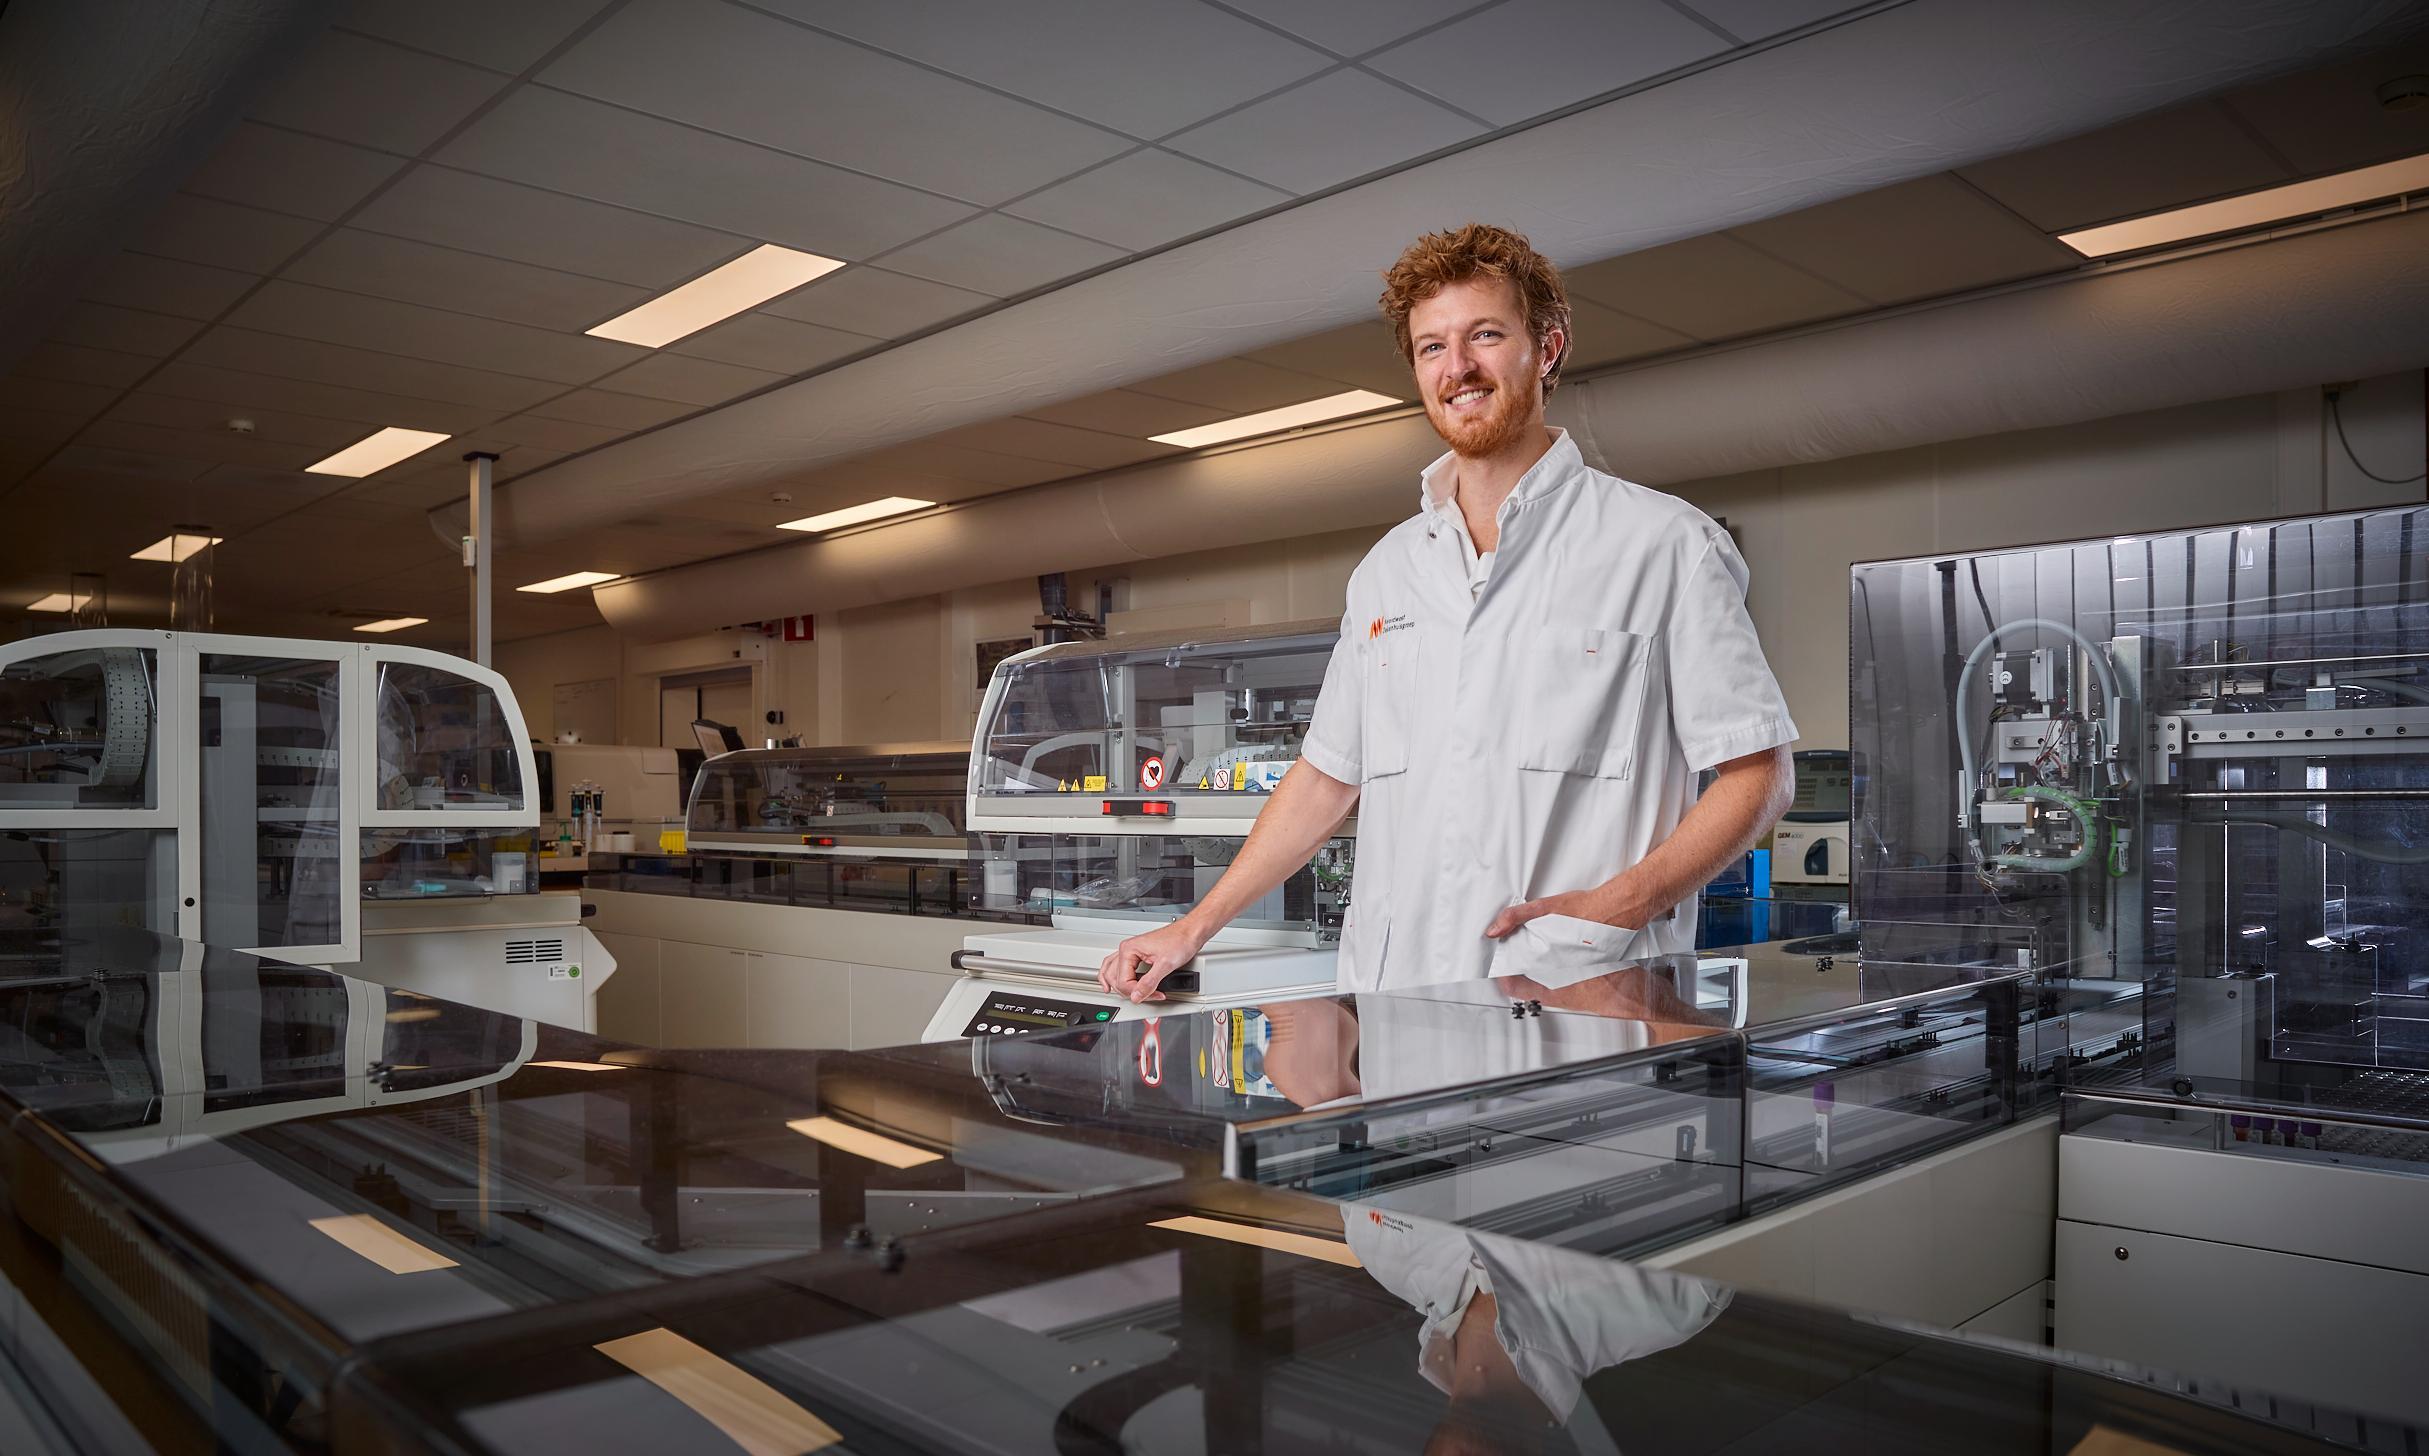 Klinisch chemicus Wesley Jongbloed, medisch manager bij NWZ